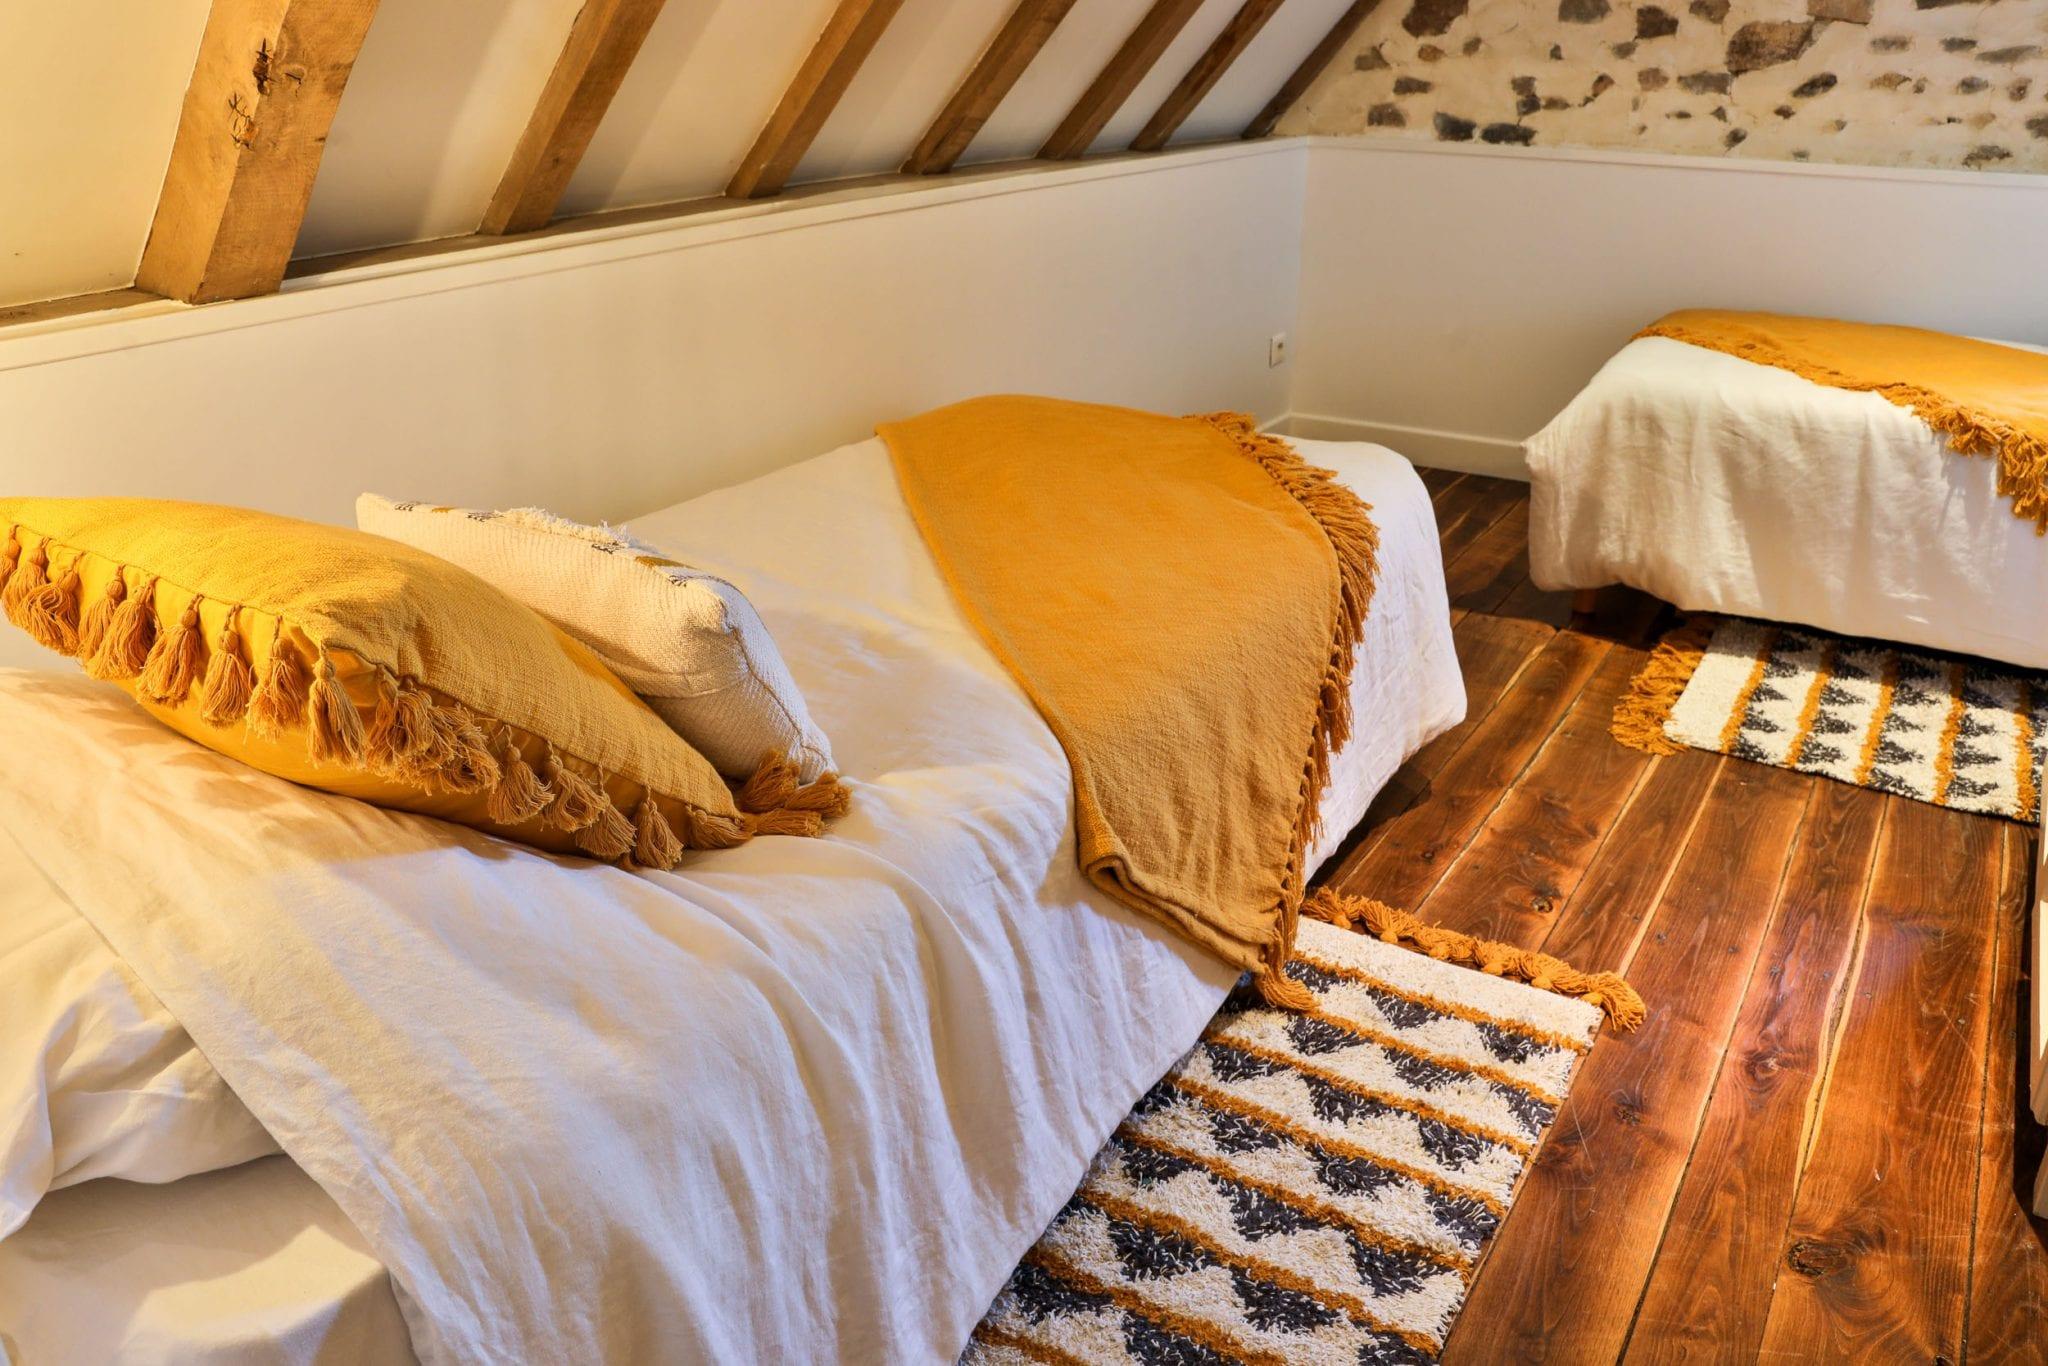 Photographe Albi - Chambres dans un gite au domaine de la Broutie - Aveyron 2020 Studio End